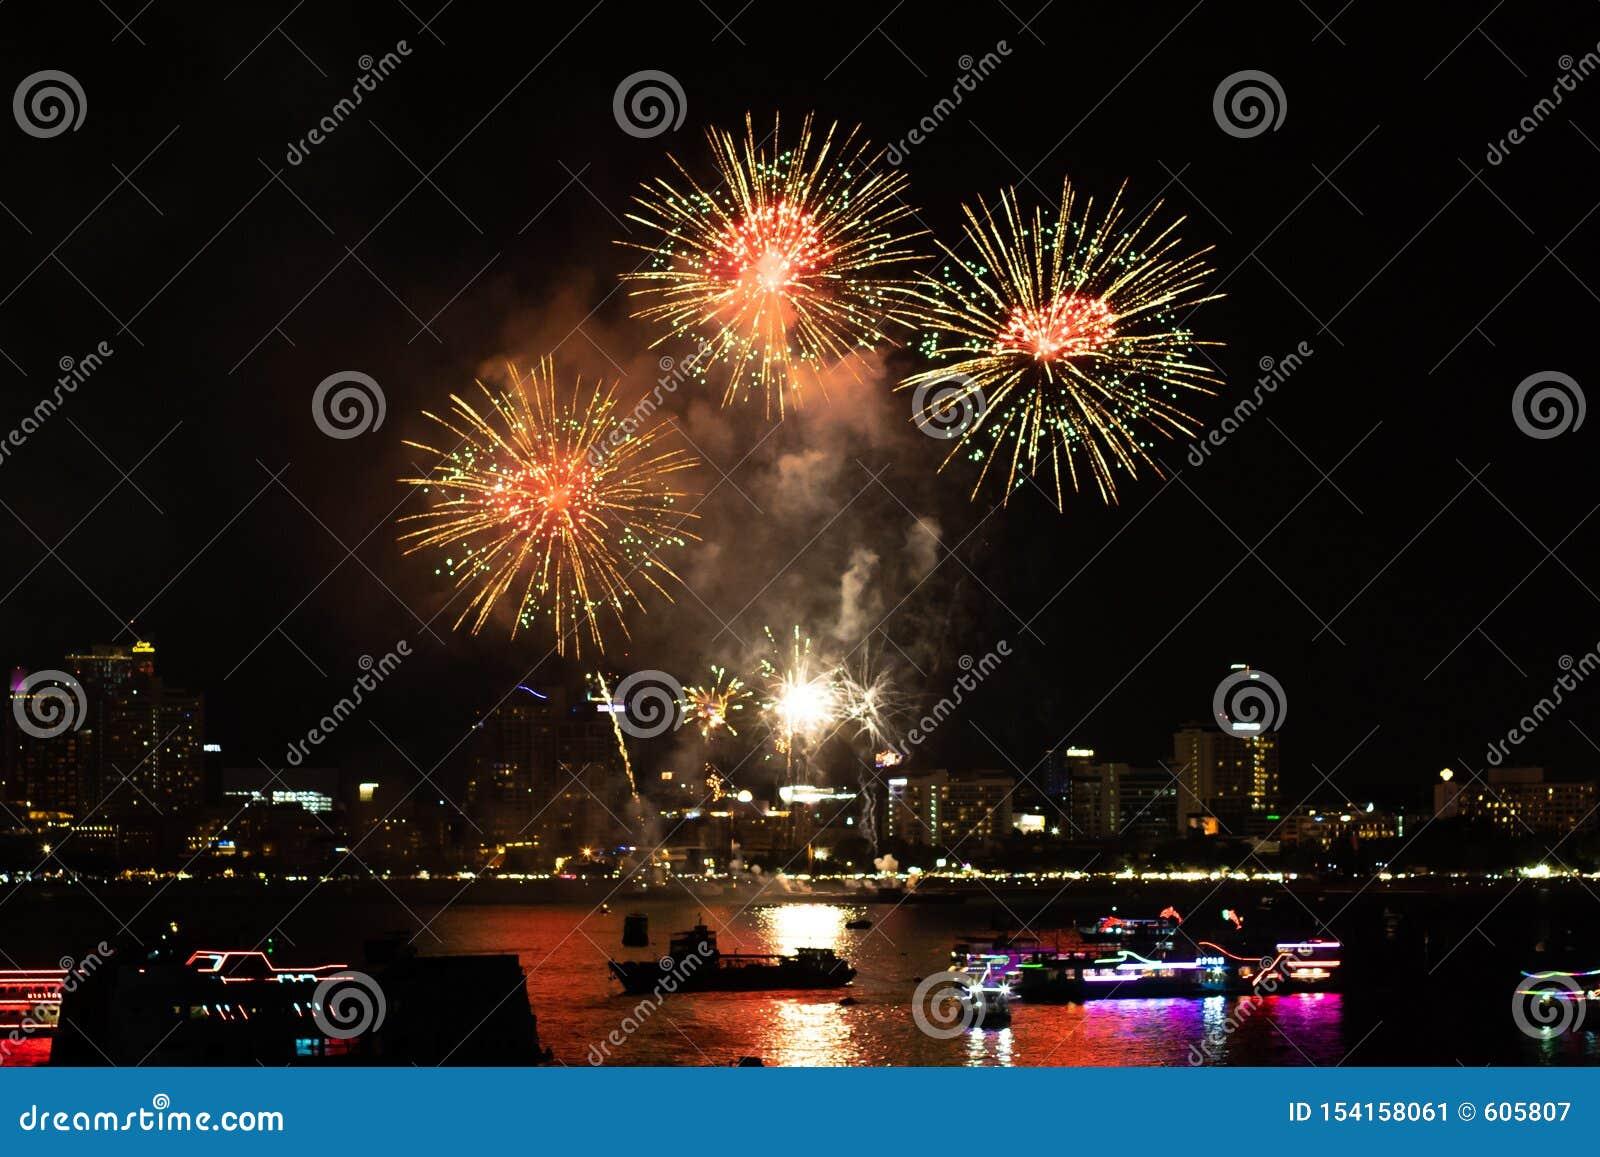 Pattaya Thailand Internationale Feuerwerke zeigen Festival Sch?ne Feuerwerke